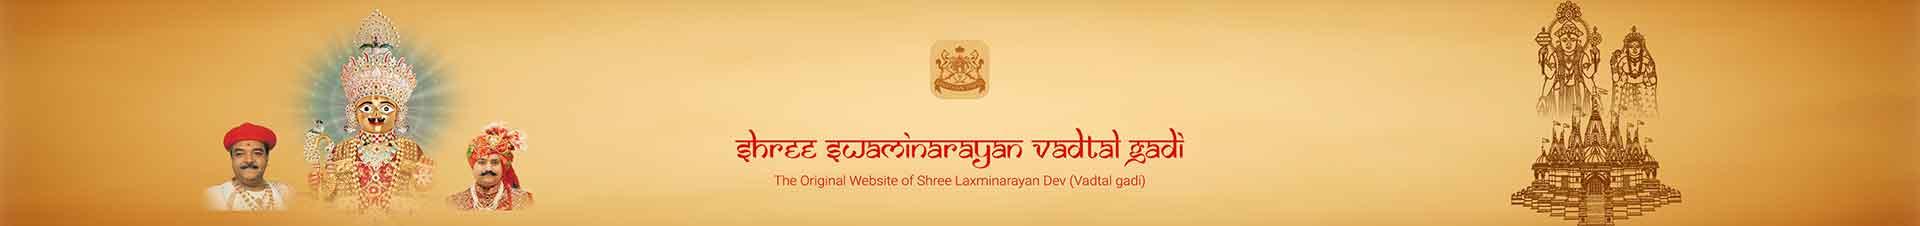 Shree Swaminarayan Vadtal Gadi - SVG, Swaminarayan